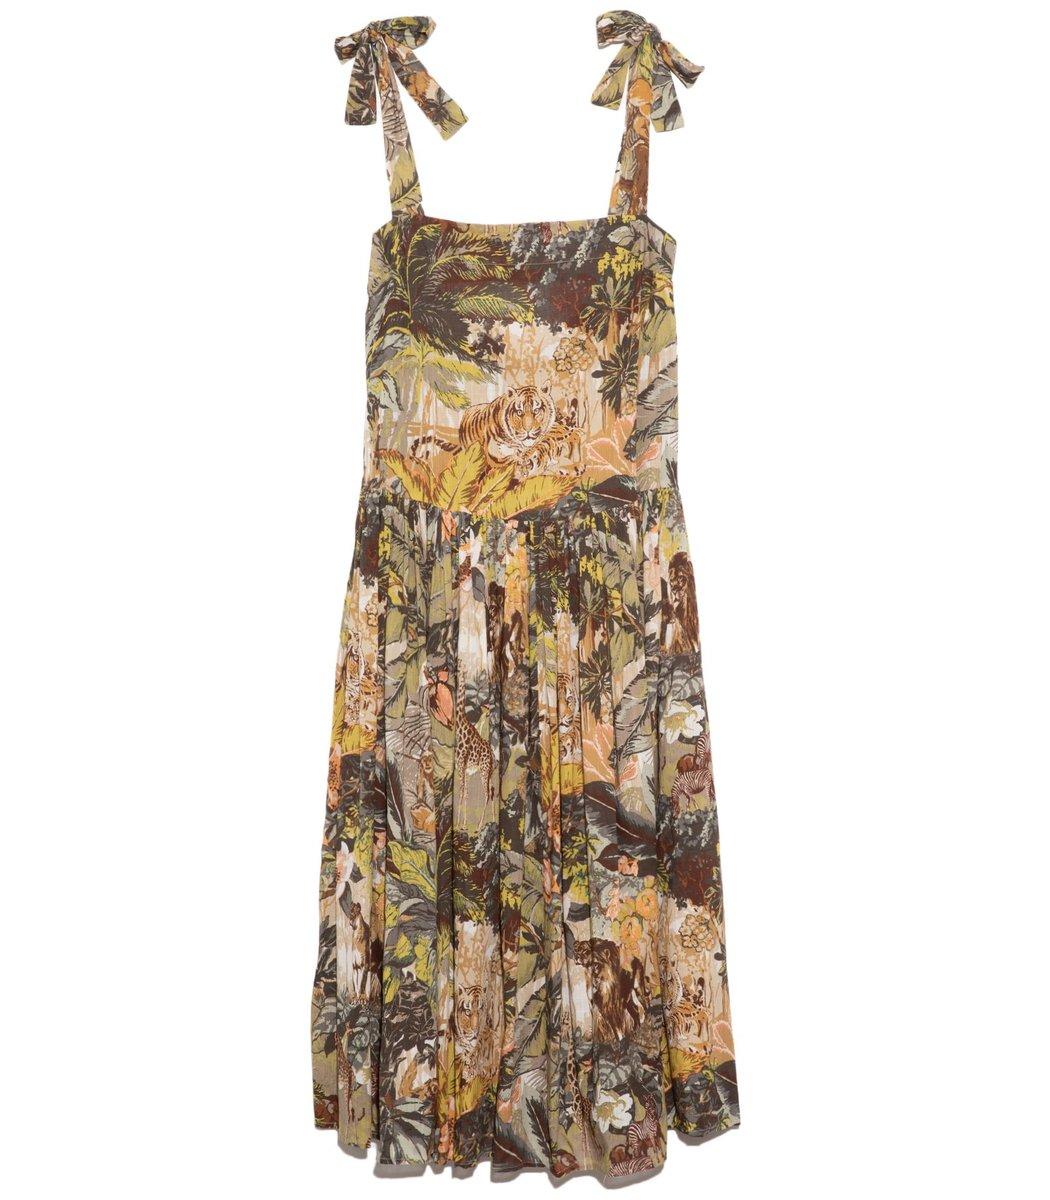 Alemais Leandra Tie Shoulder Long Dress In Khaki In Multi